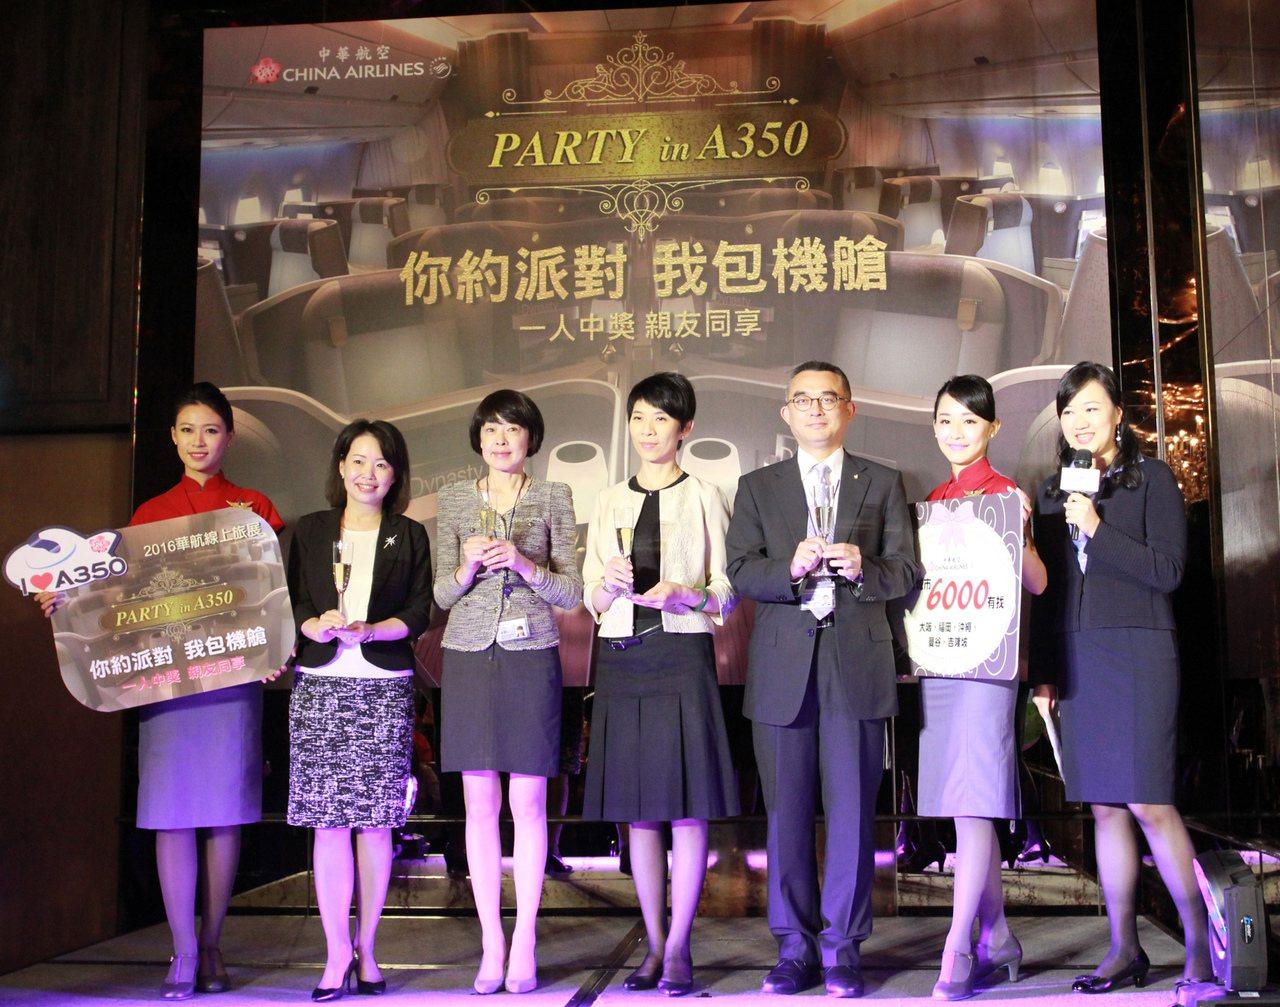 圖為華航曾推出旅展優惠方案,包括邱彰信(右三)在內的華航高層共同宣布抽獎內容。報...